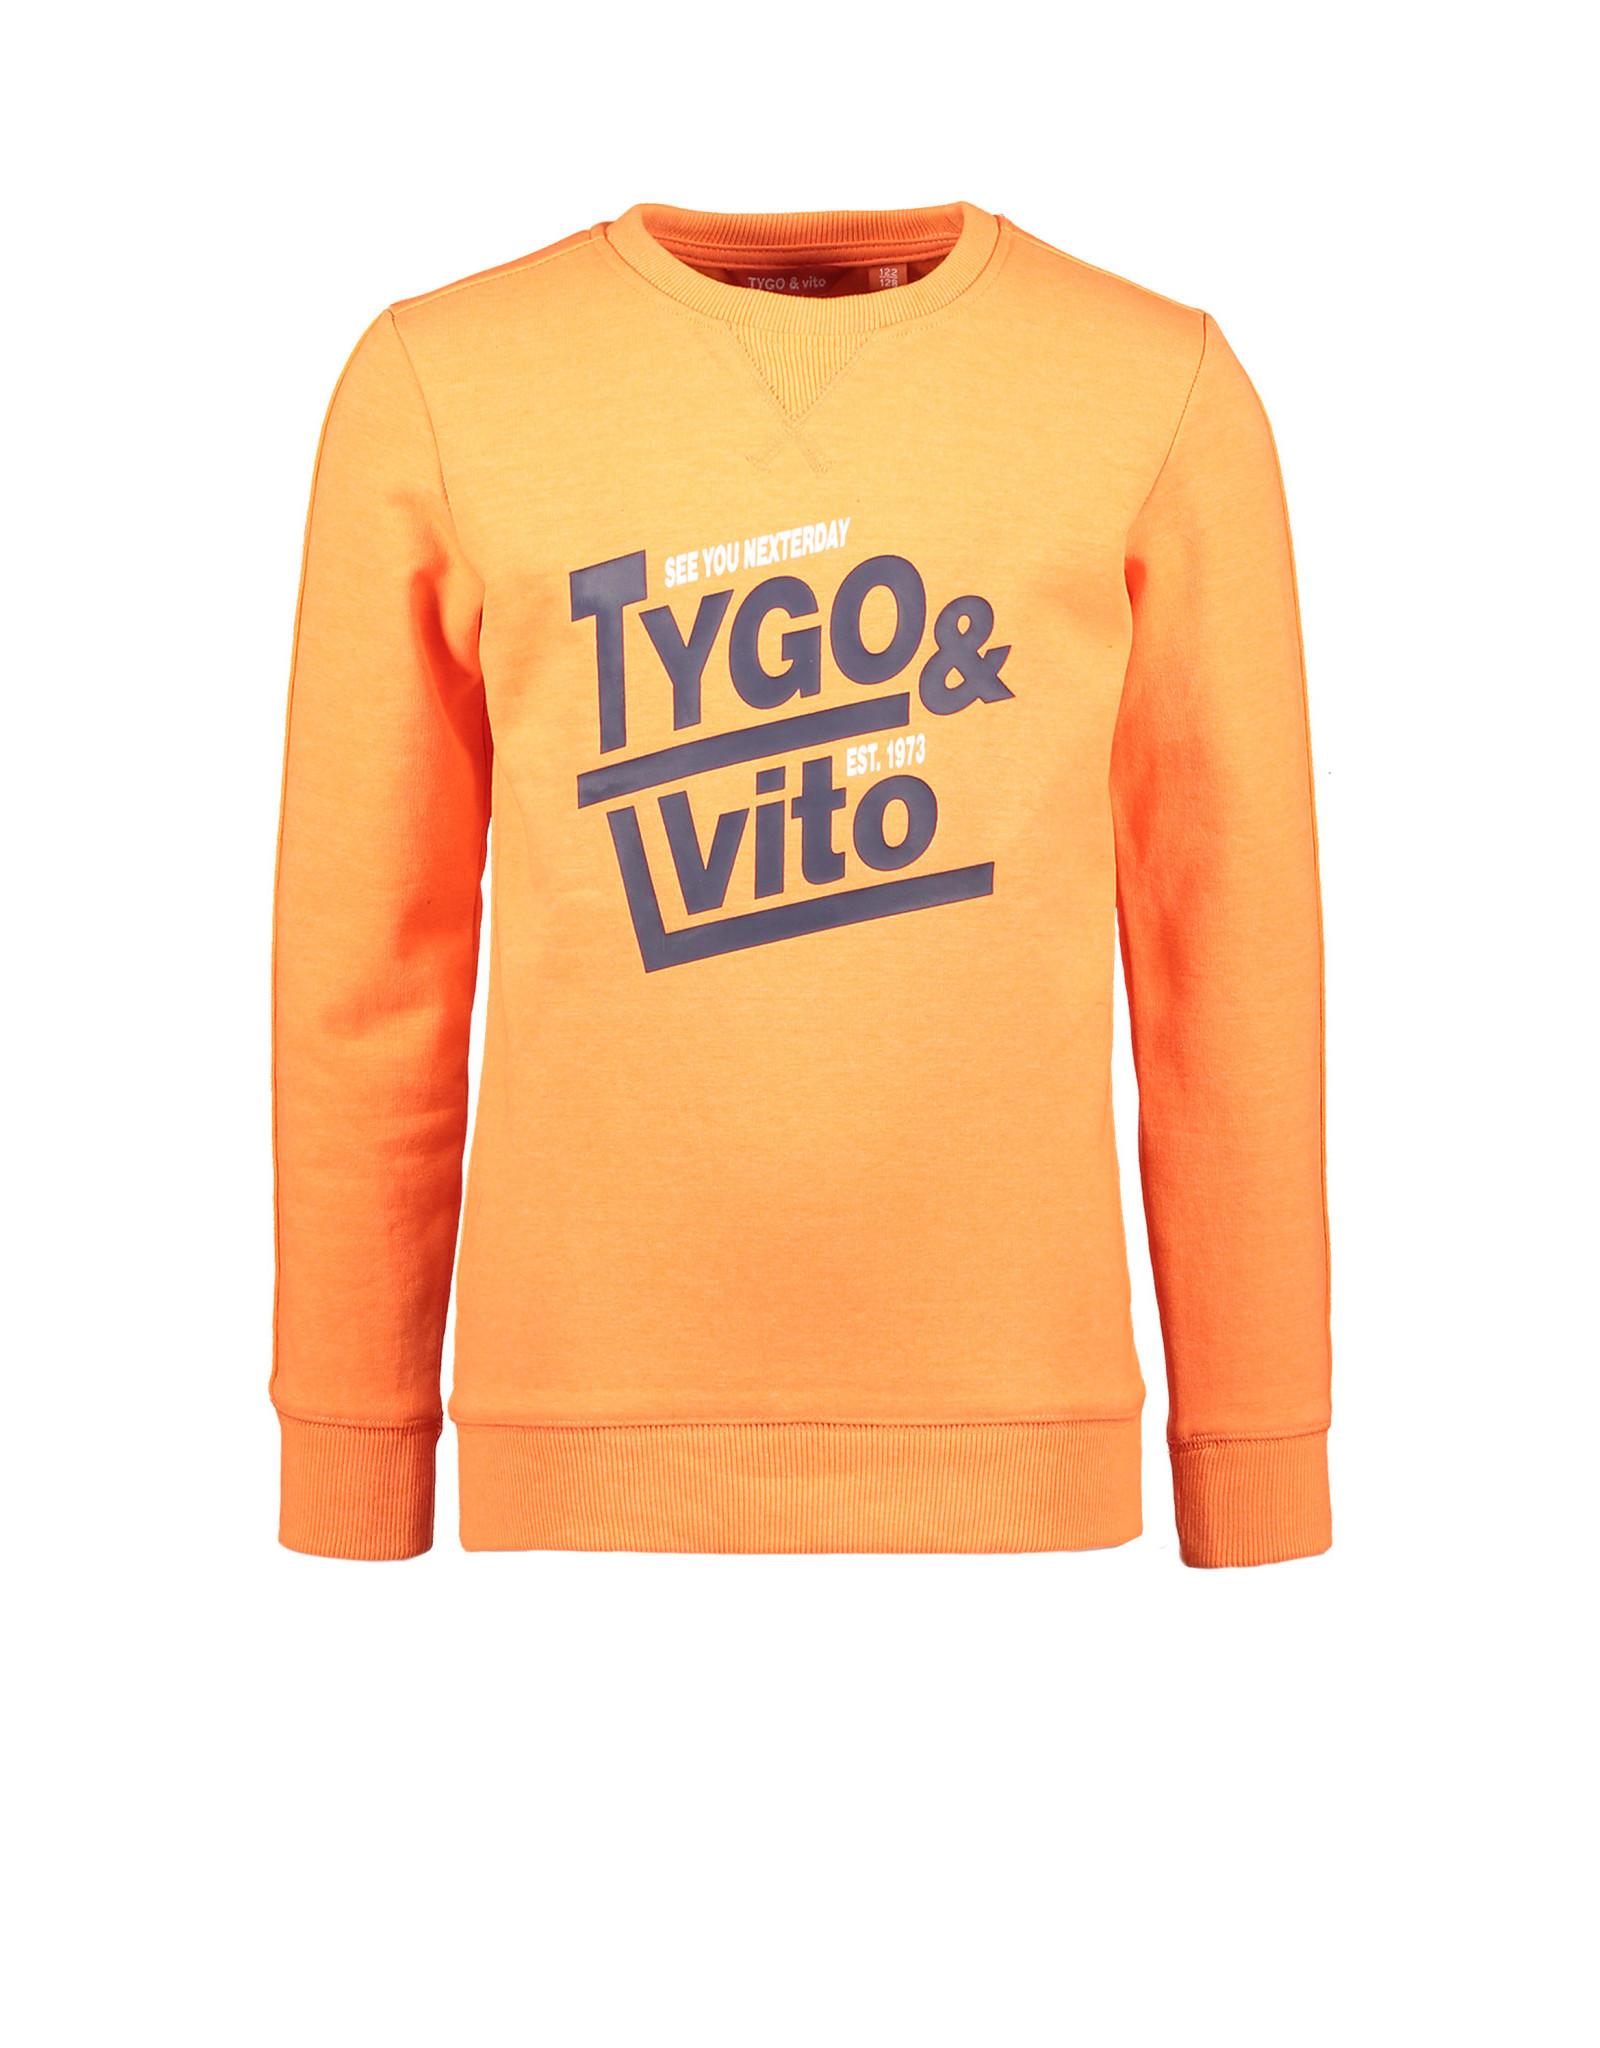 TYGO & vito TYGO & vito jongens sweater met Bies shocking Orange